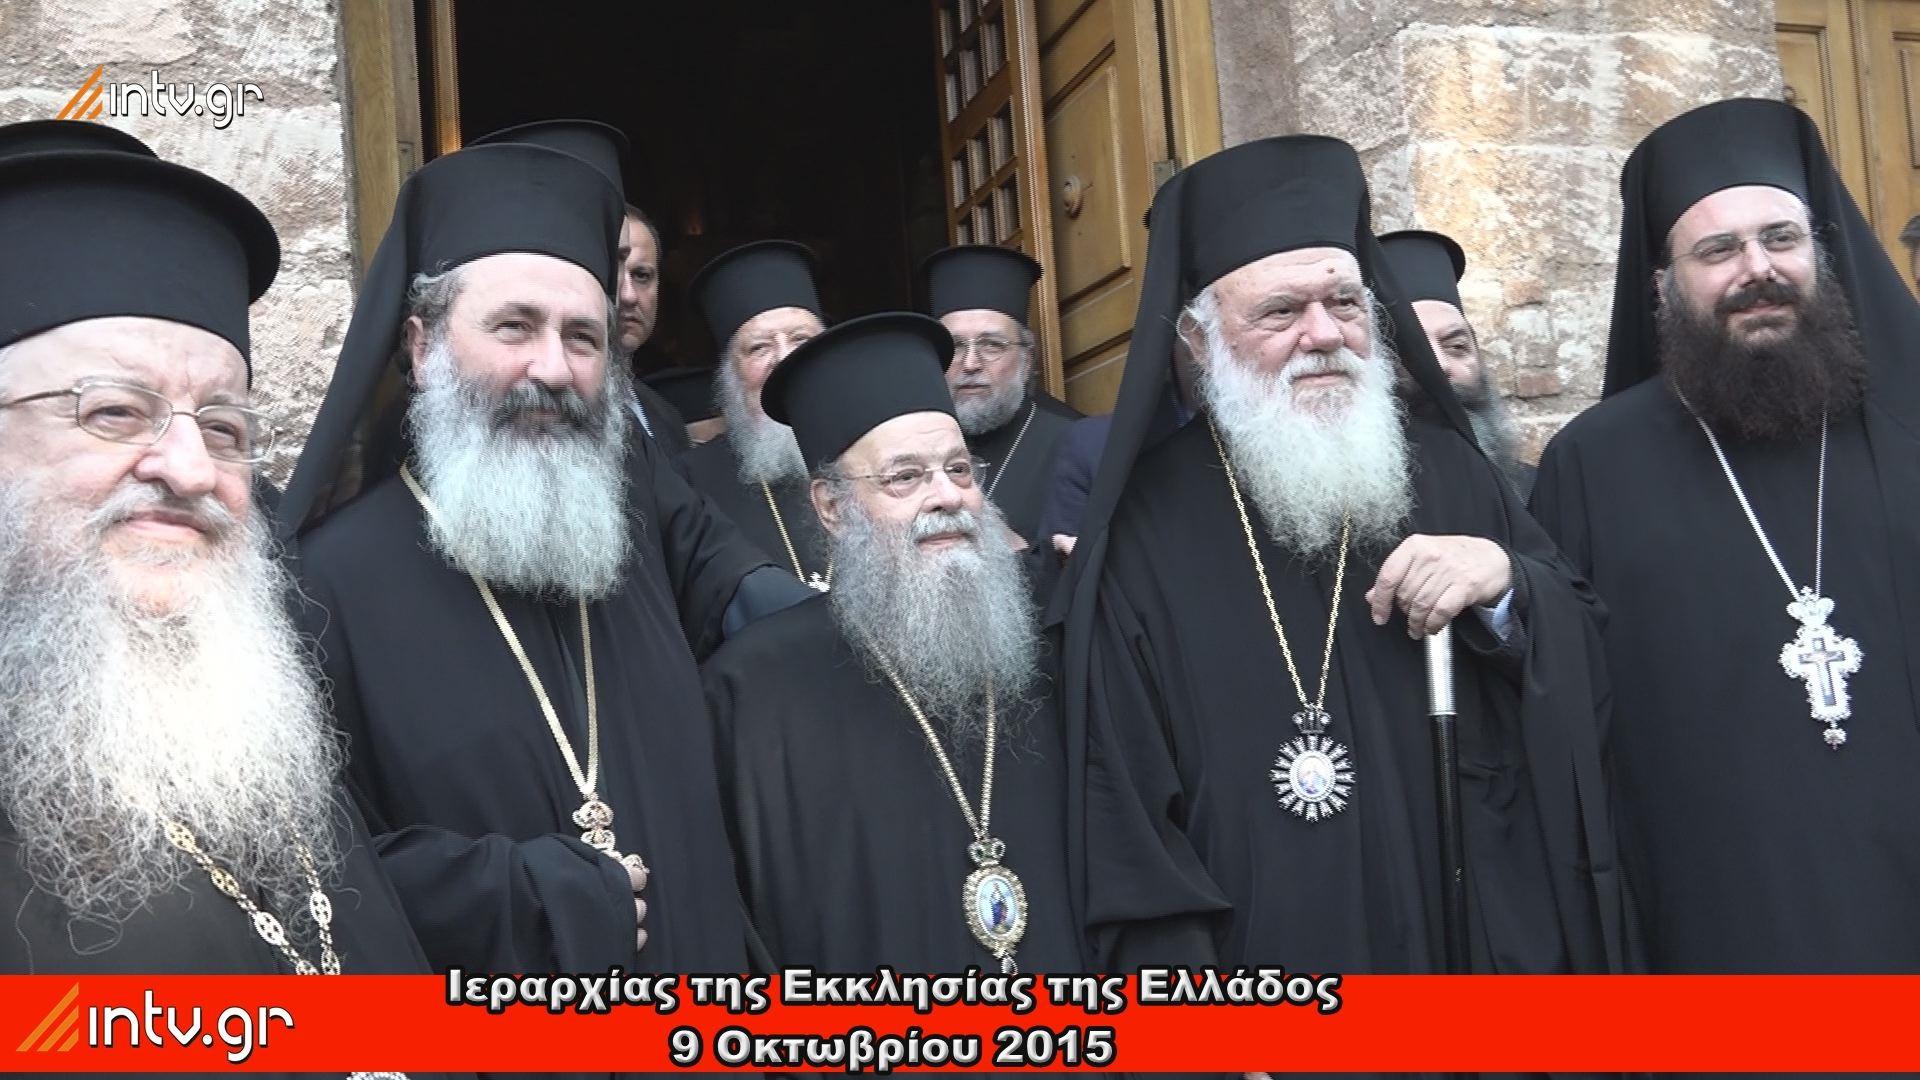 Ιεραρχία της Εκκλησίας της Ελλάδος - Εκλογές Μητροπολιτών - 9 Οκτωβρίου 2015